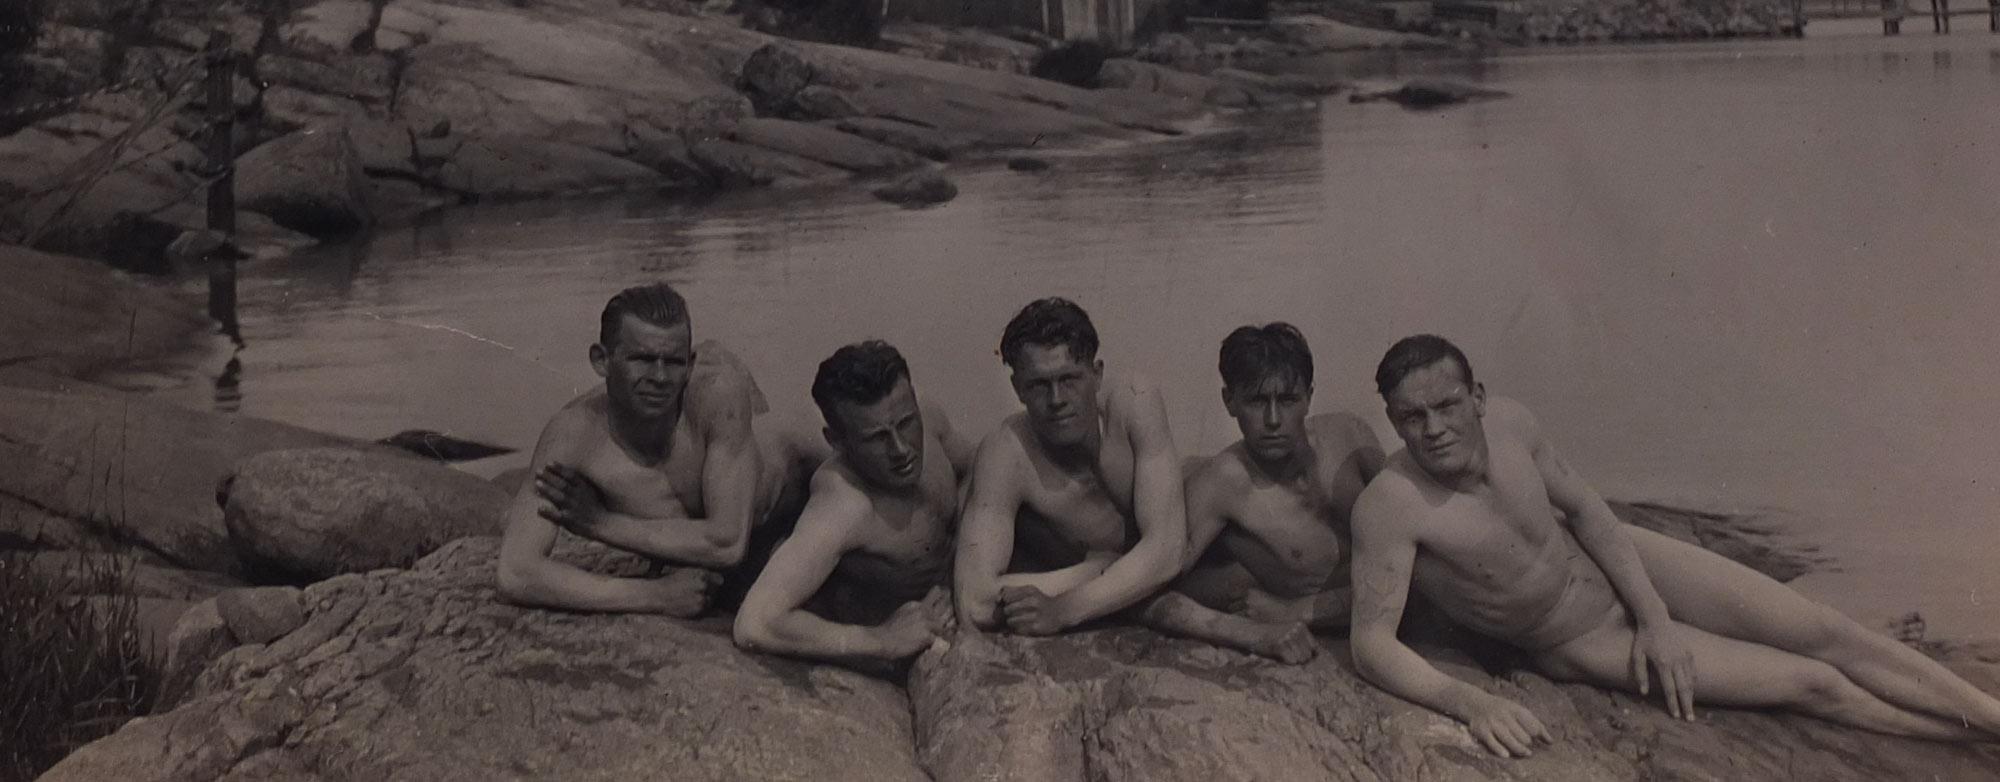 Fem nakna män som ligger på en klippa i skärgården.